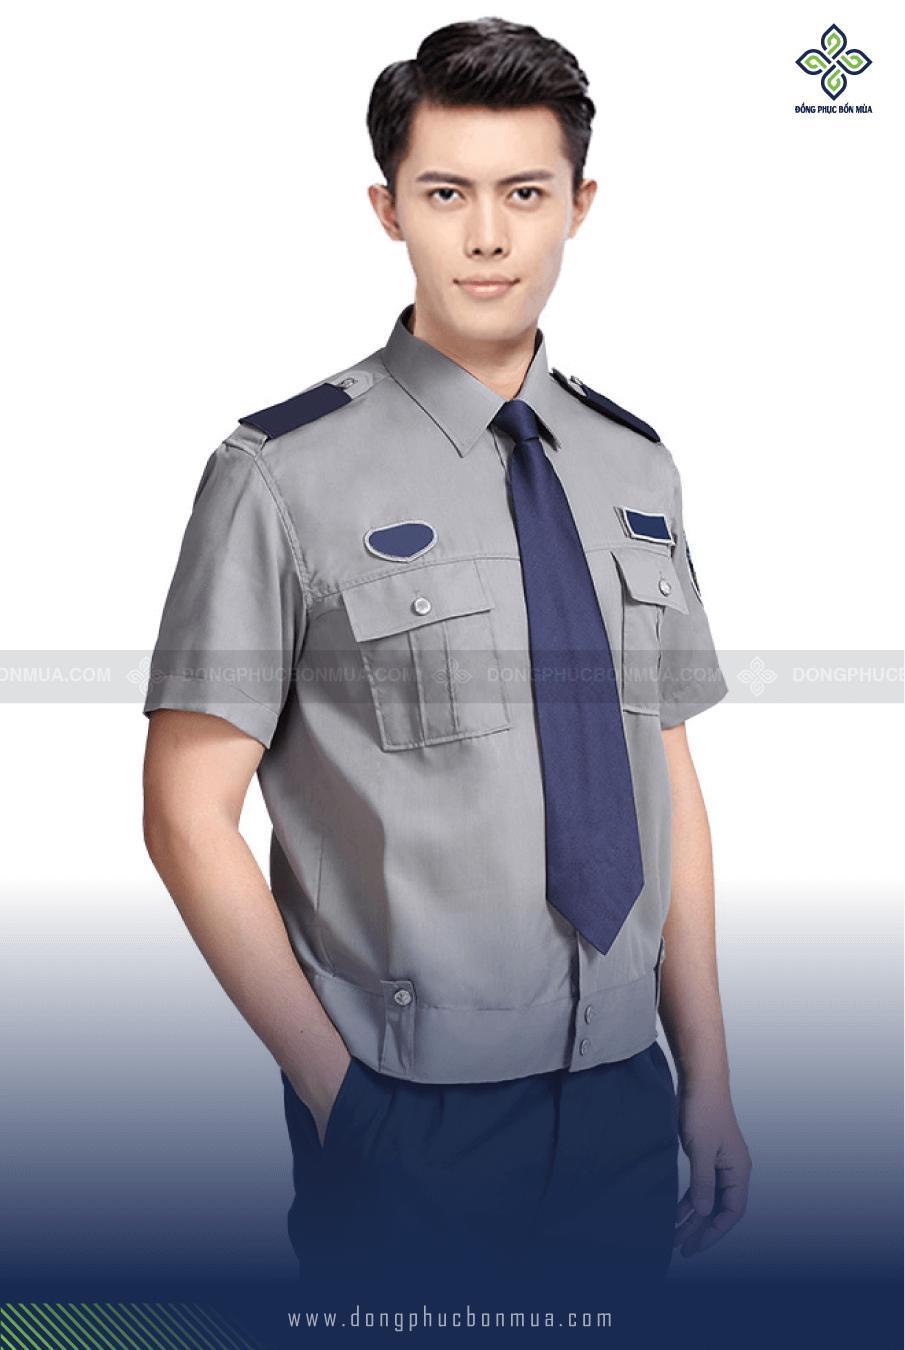 đồng phục bảo vệ may sẵn